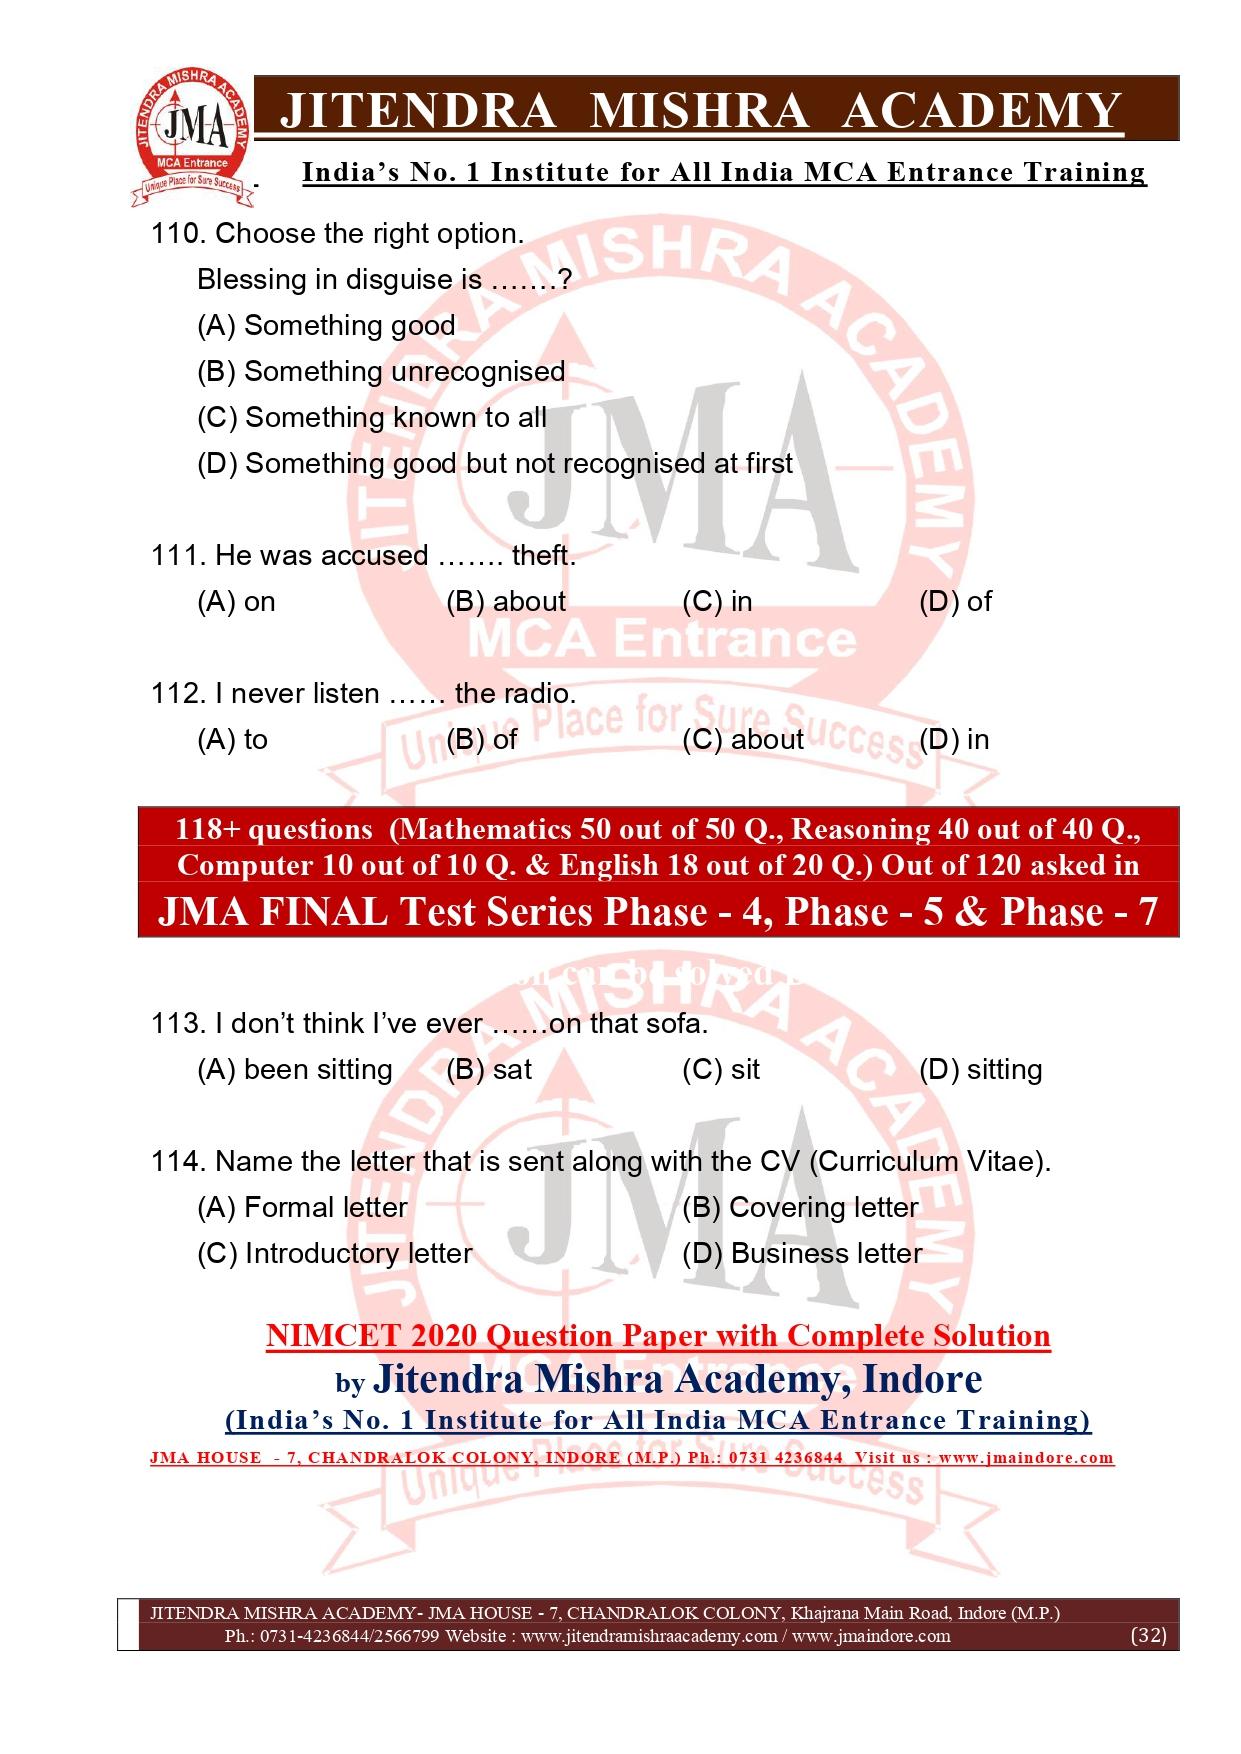 NIMCET 2020 QUESTION PAPER (FINAL)_page-0032